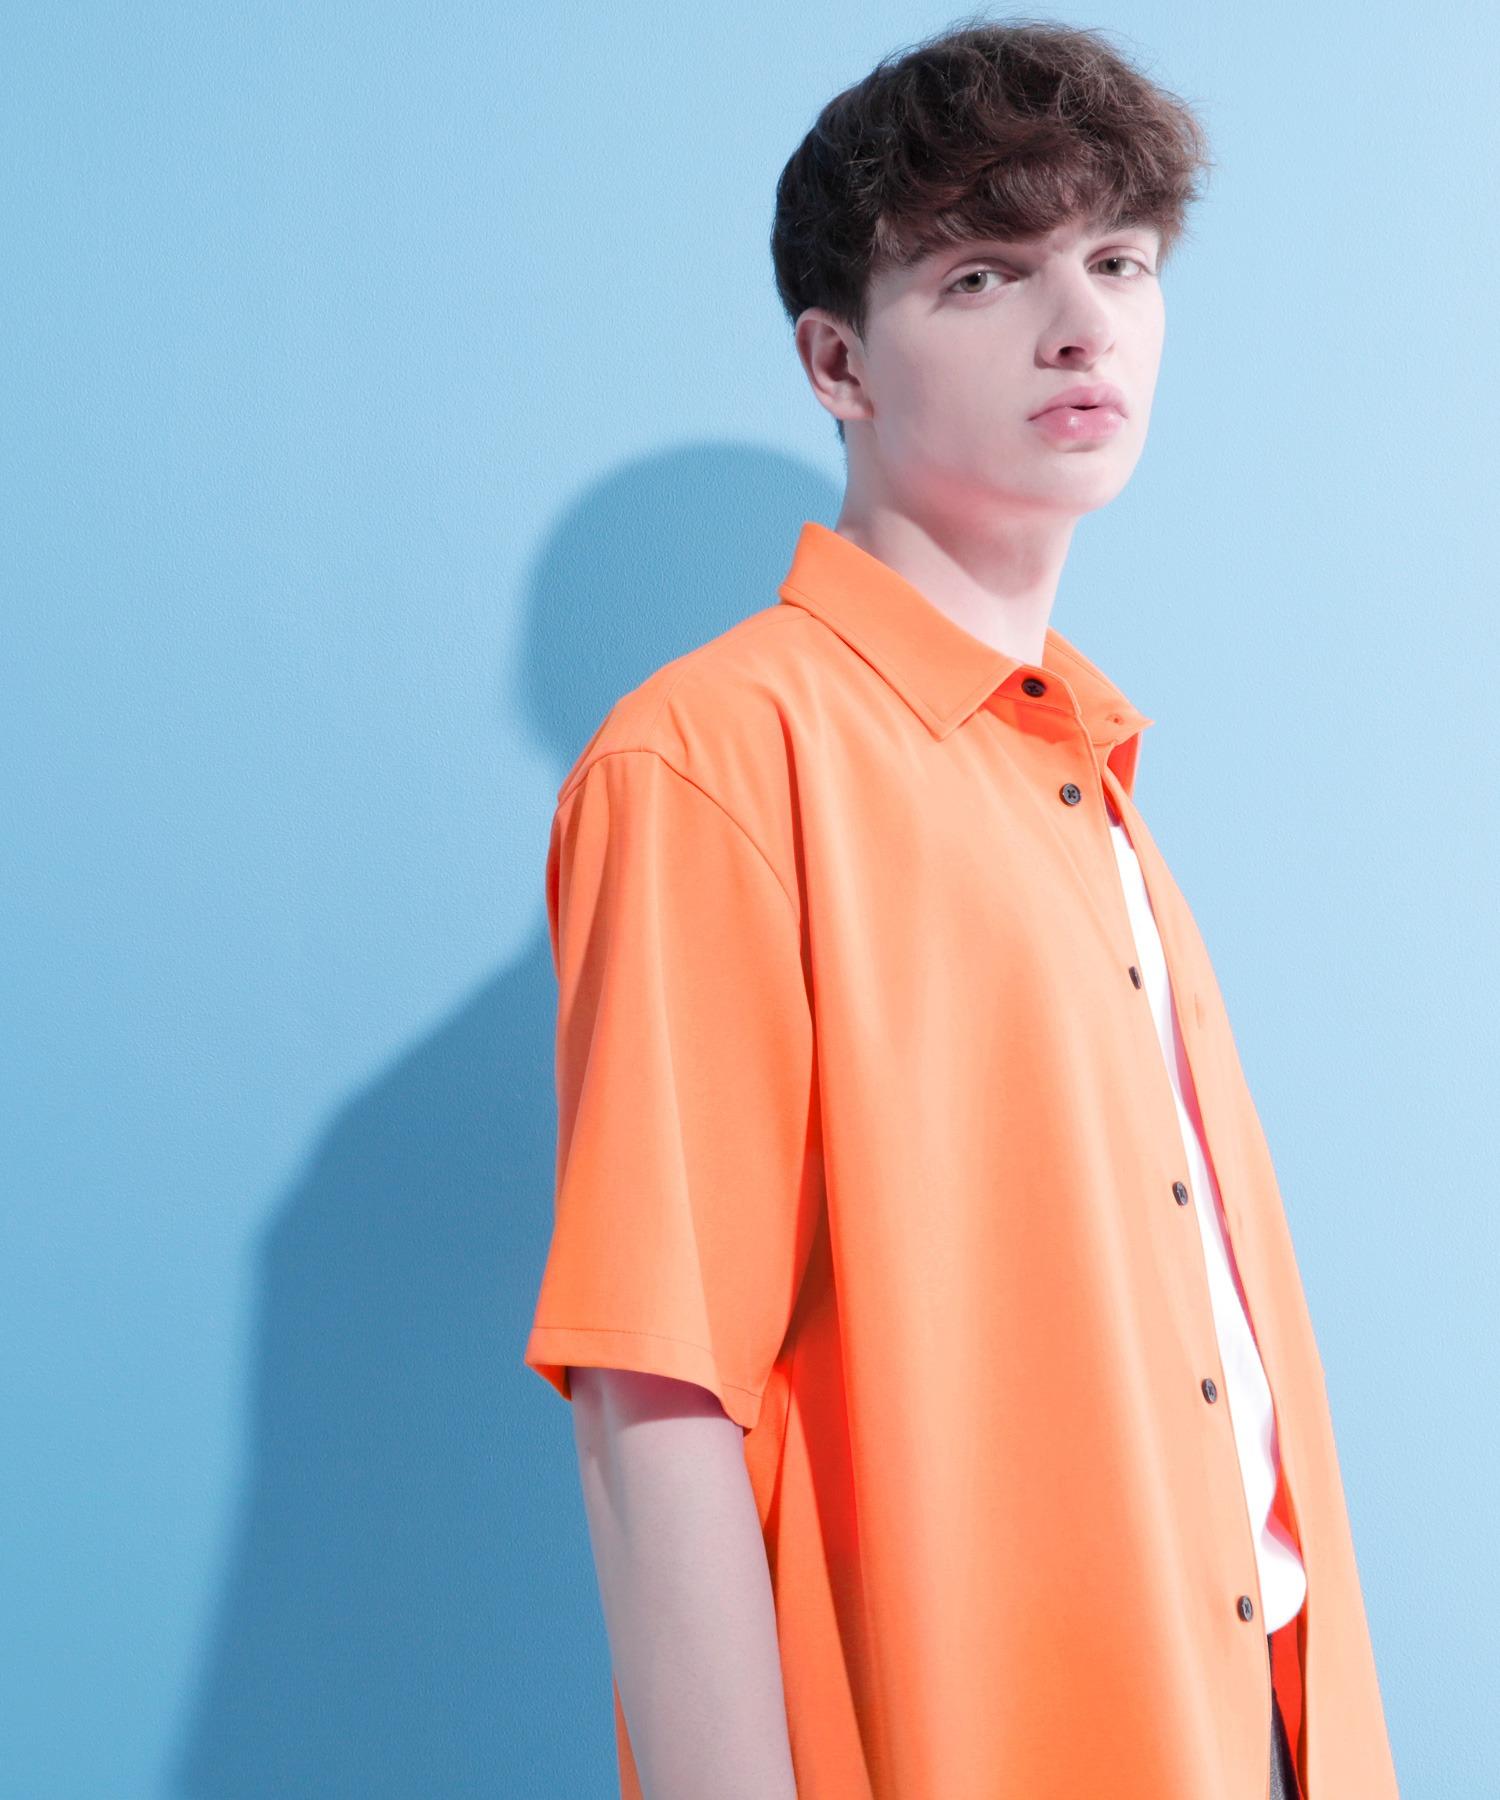 ブライトポプリンリラックススクエア レギュラーカラー シャツ Poplin Regular Collar Shirt 1/2 short sleeve